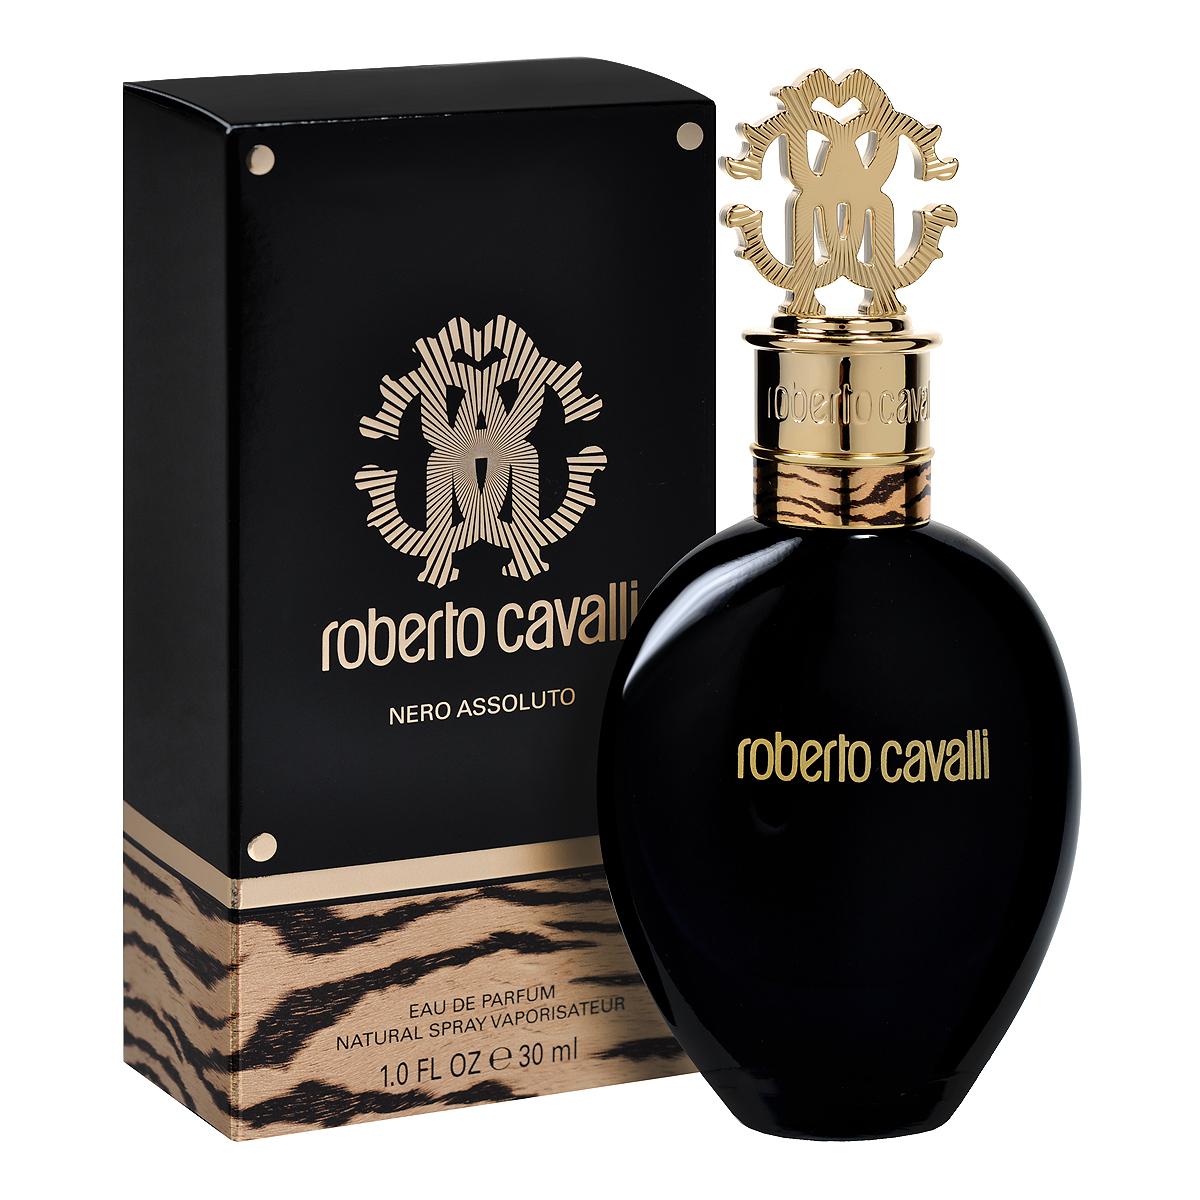 Roberto Cavalli Парфюмерная вода Nero Assoluto, женская, 30 мл75001276000Roberto Cavalli Nero Assoluto - парфюмер Луиза Тернер, воплотила в аромате тот магнетизм и волшебство, каким обладает хрупкий цветок орхидеи. Смелый и бескомпромиссный, Nero Assoluto посвящается ярким женщинам, которые любят блистать и притягивать взгляды. Для них Nero Assoluto - это концентрированная эссенция женственности, эссенция чувственности и страсти, эссенция роскоши вечерних нарядов. Темная сторона обольщения, магия и таинство колдовского черного цвета! Классификация аромата : древесный, цветочный. Пирамида аромата : Верхние ноты: орхидея. Ноты сердца: ваниль. Ноты шлейфа: эбеновое дерево. Ключевые слова Волшебный, чувственный, страстный, таинственный!